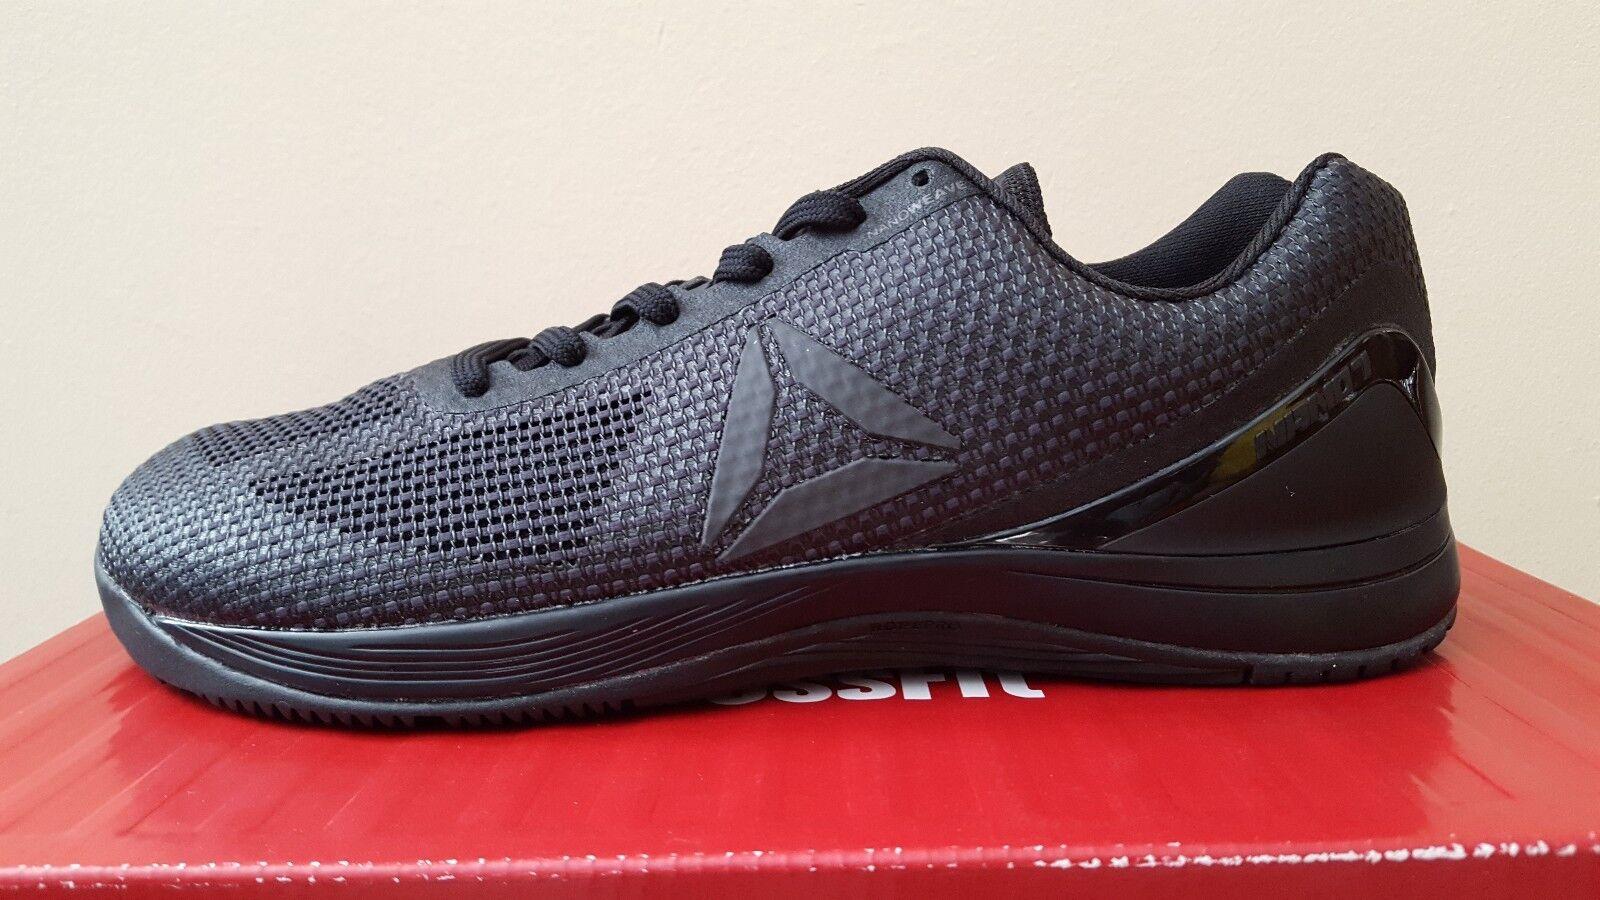 Reebok CrossFit Nano 7.0 Para Hombres Zapatos De Entrenamiento Negro plomo (BS7728)